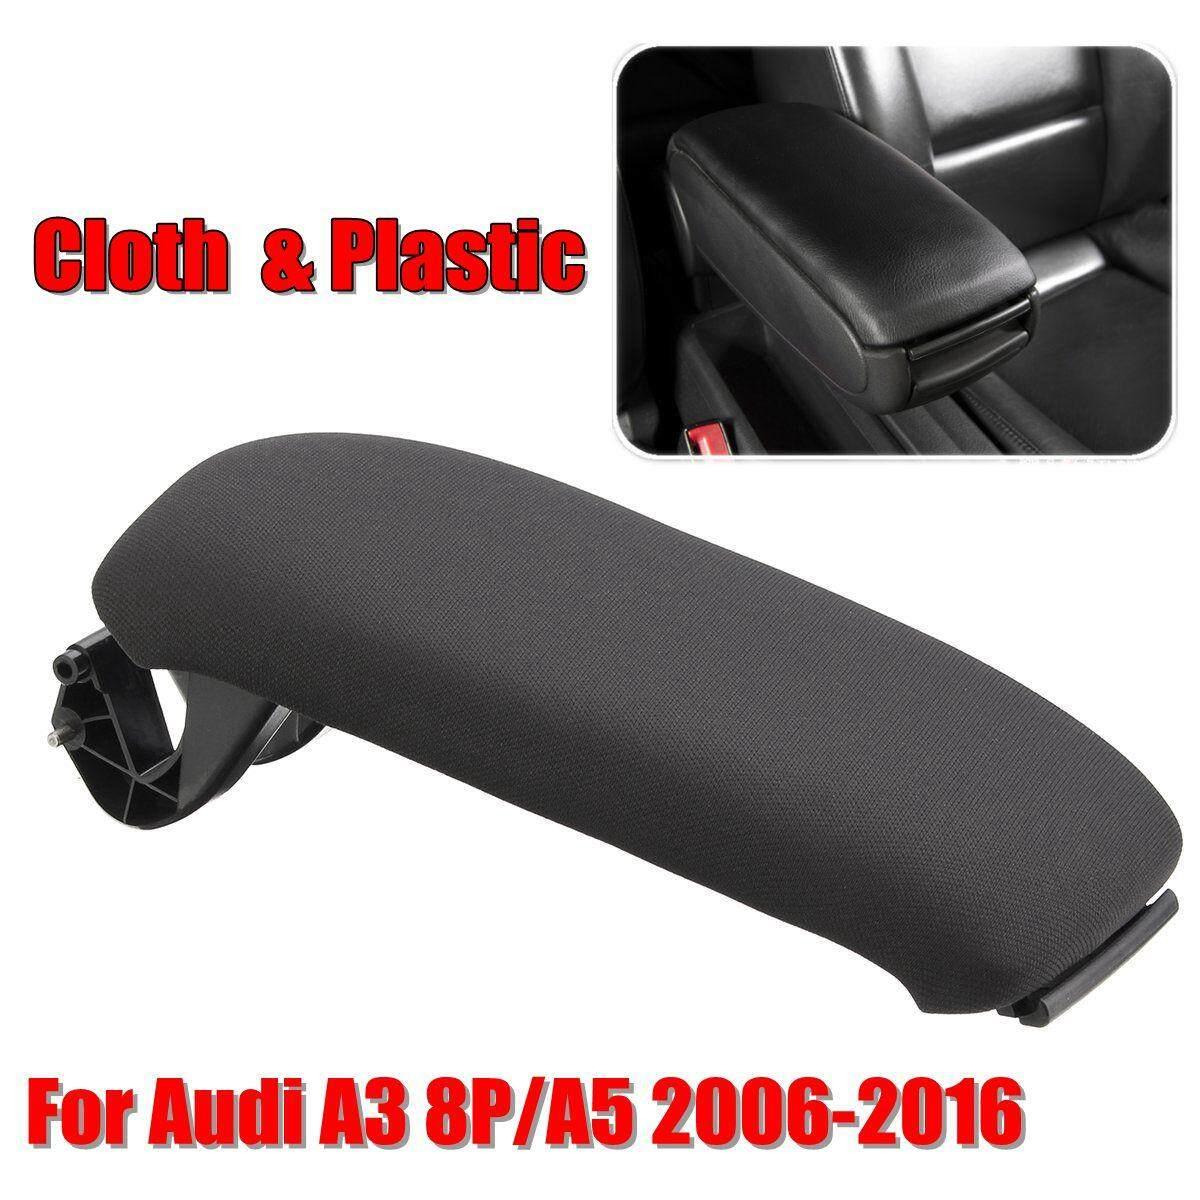 Kain Plastik Pusat Konsol Penutup Sandaran Tangan Penutup untuk Audi A3 8 P/A5 2006